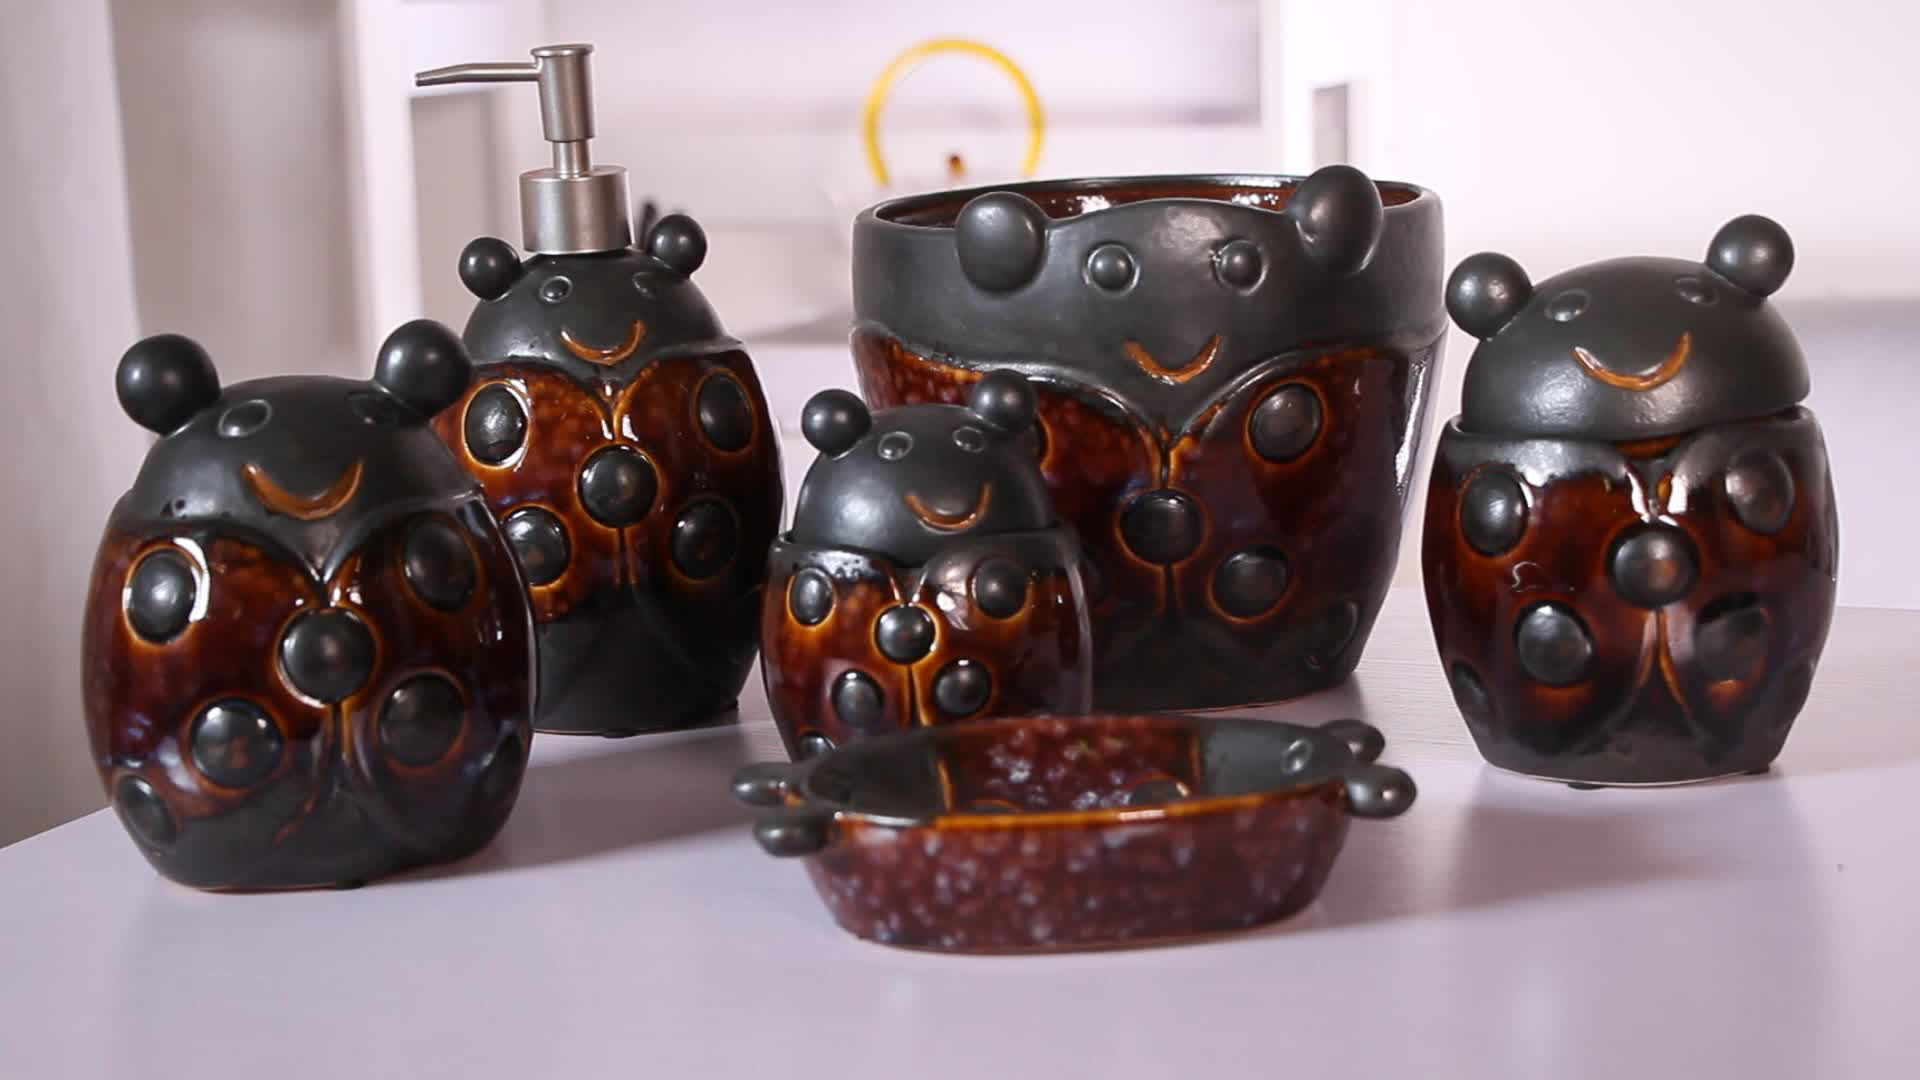 sch nen retro stil 6 st cke keramik bad zubeh r set buy bad zubeh r set keramik bad. Black Bedroom Furniture Sets. Home Design Ideas